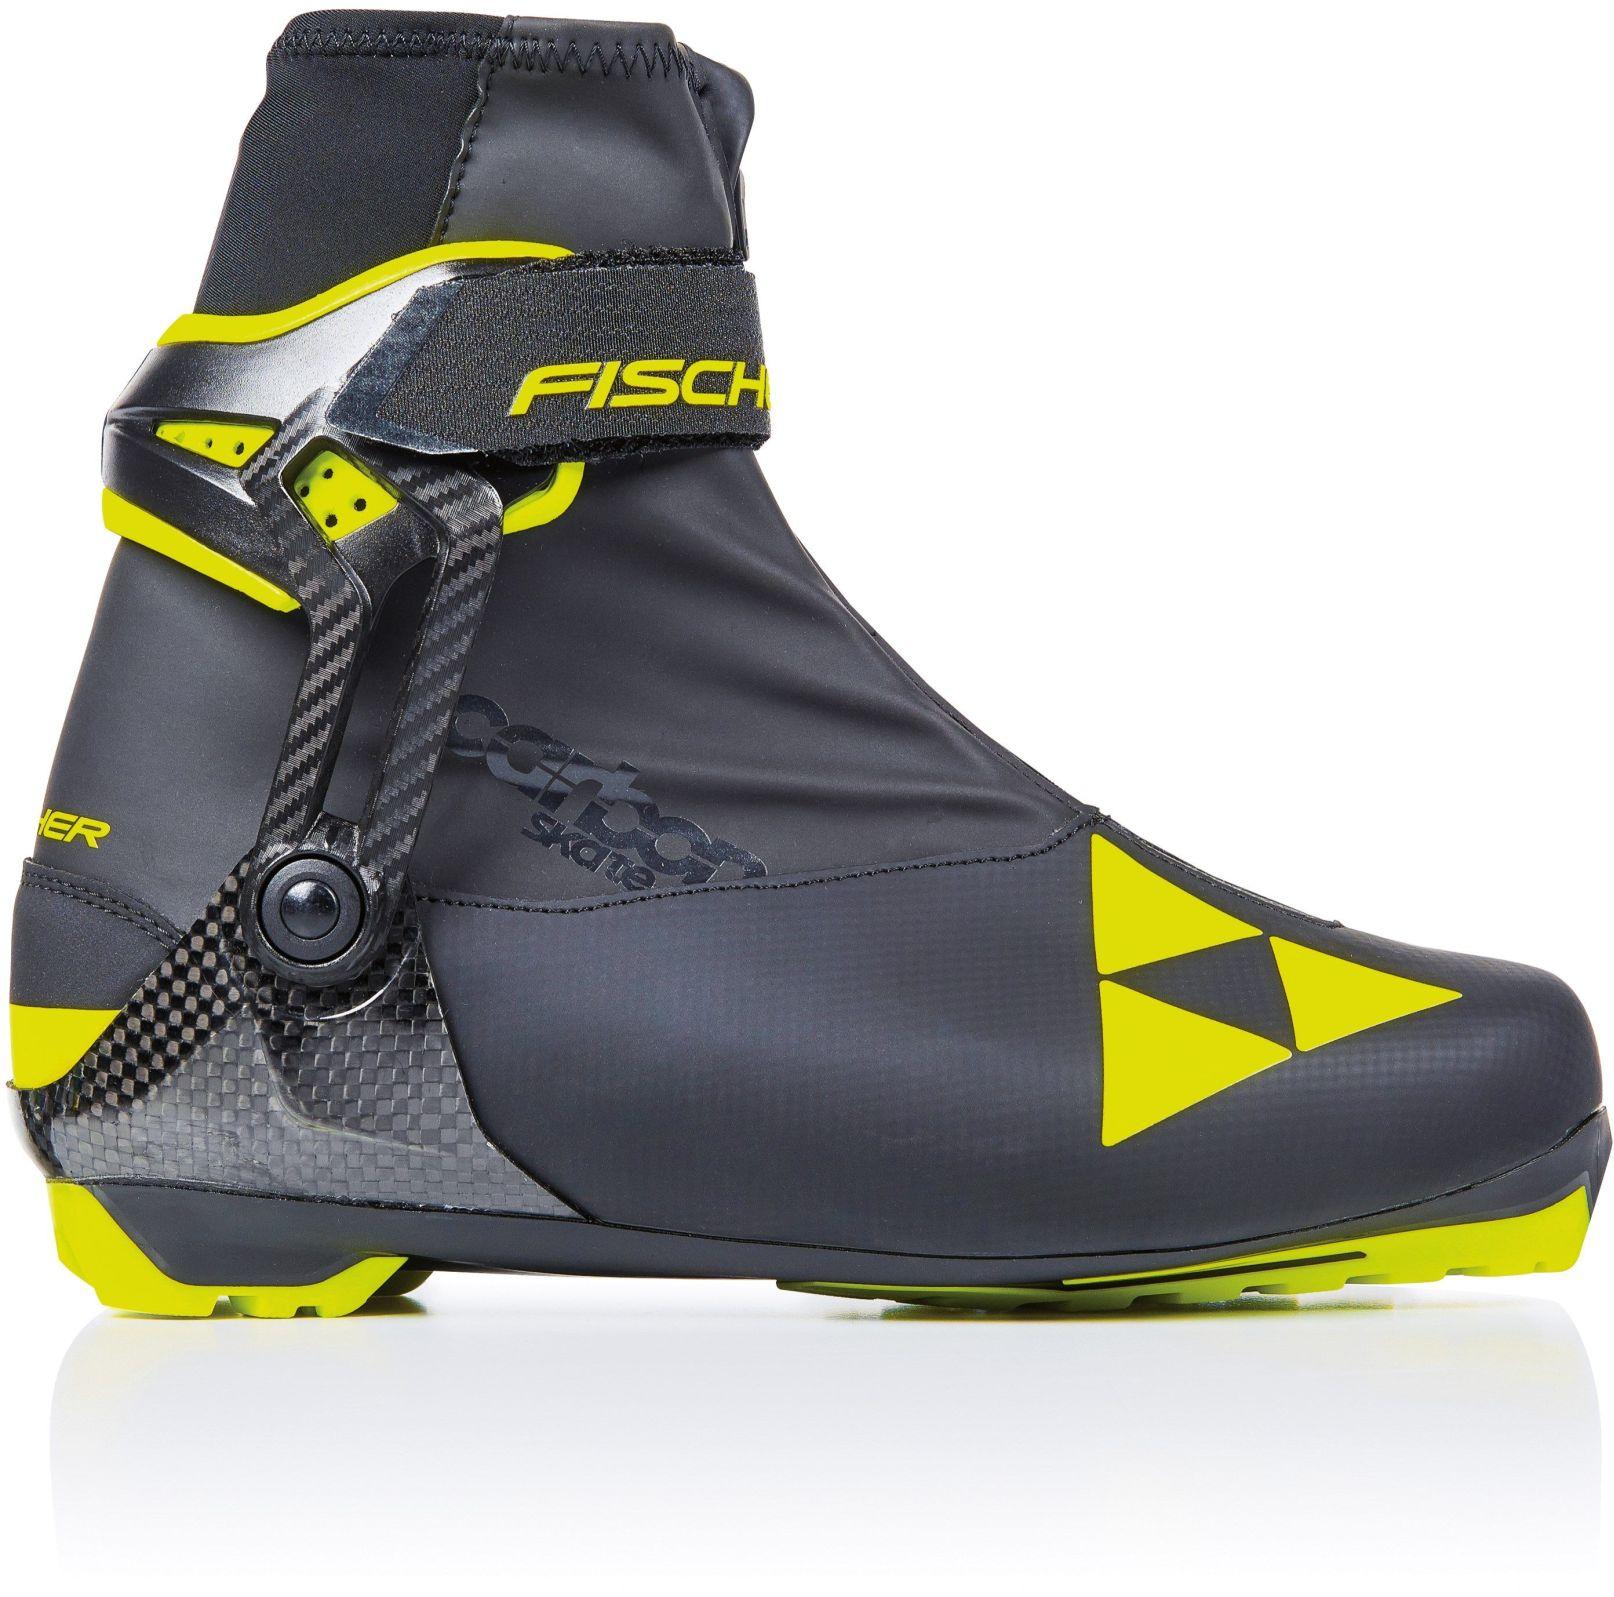 Fischer RCS Carbon Skate 45